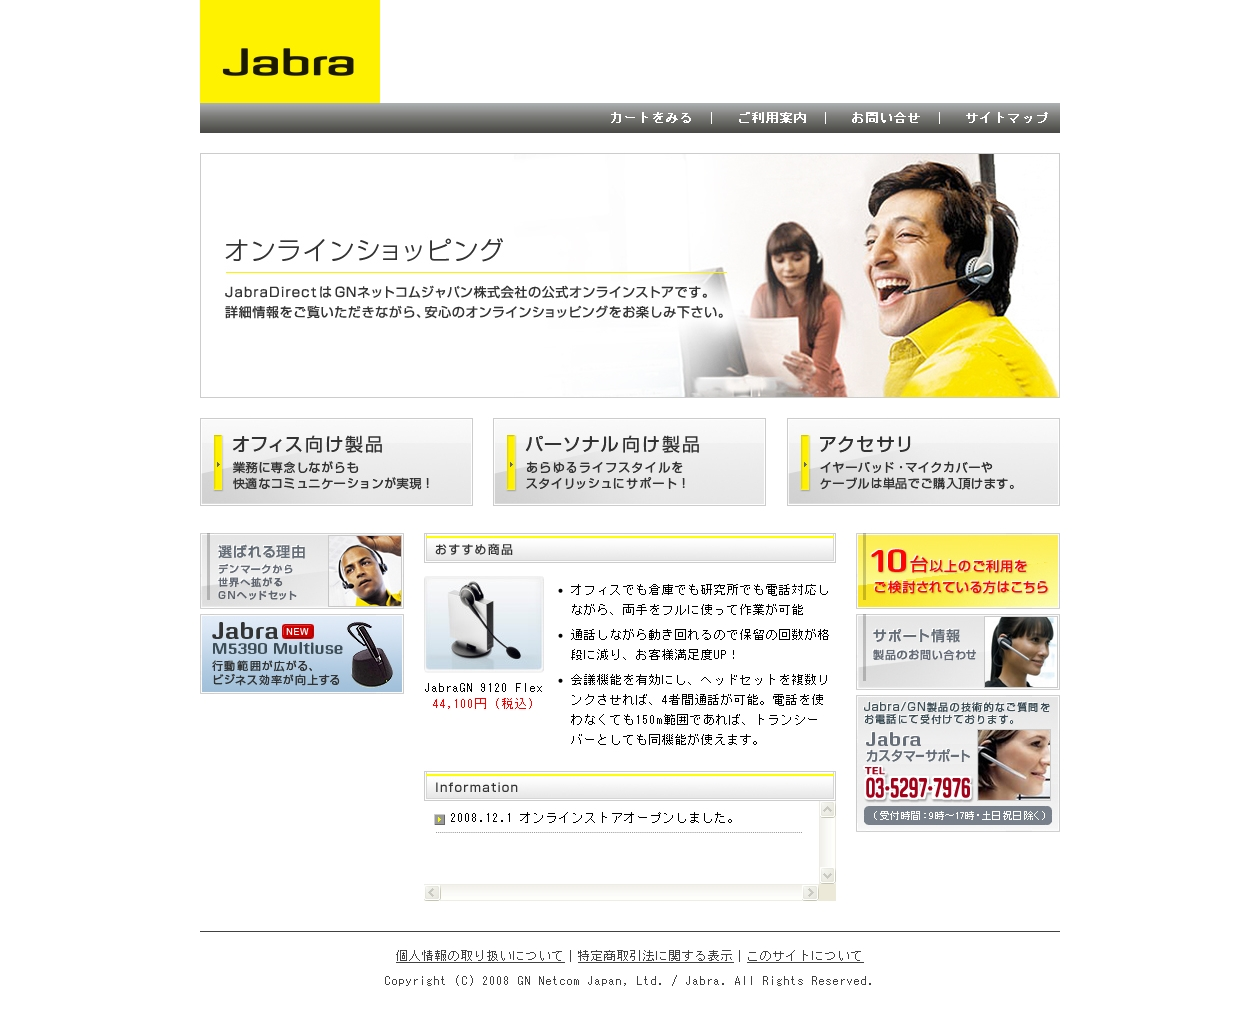 Jabra bt110